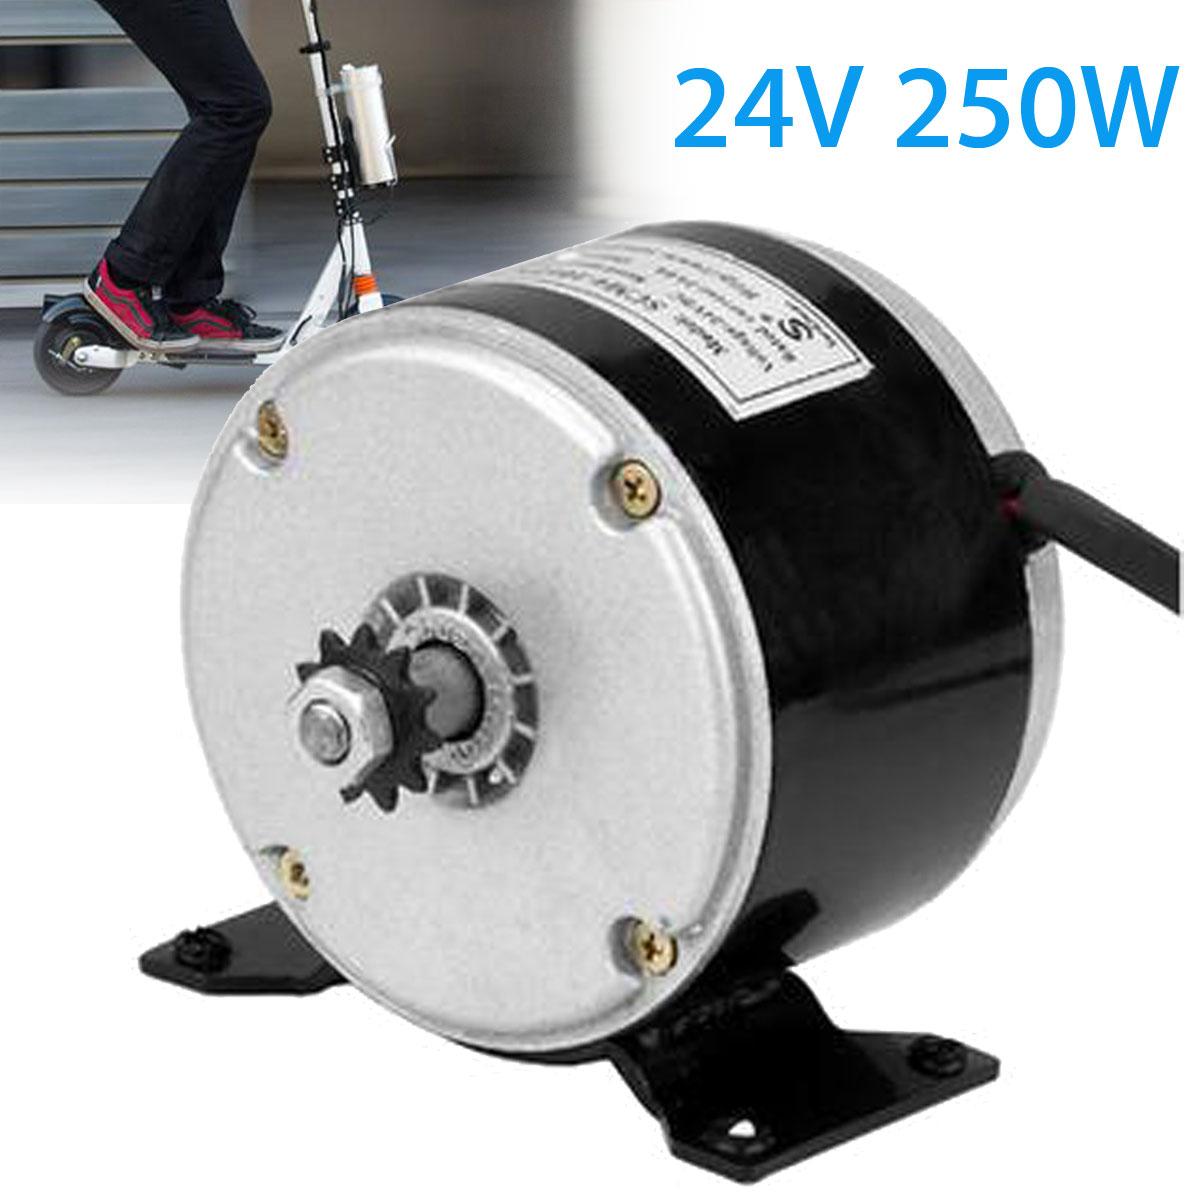 Haute qualité tout nouveau 24 V 250 W bricolage moteur générateur à aimant Permanent pour Micro moteur PMA